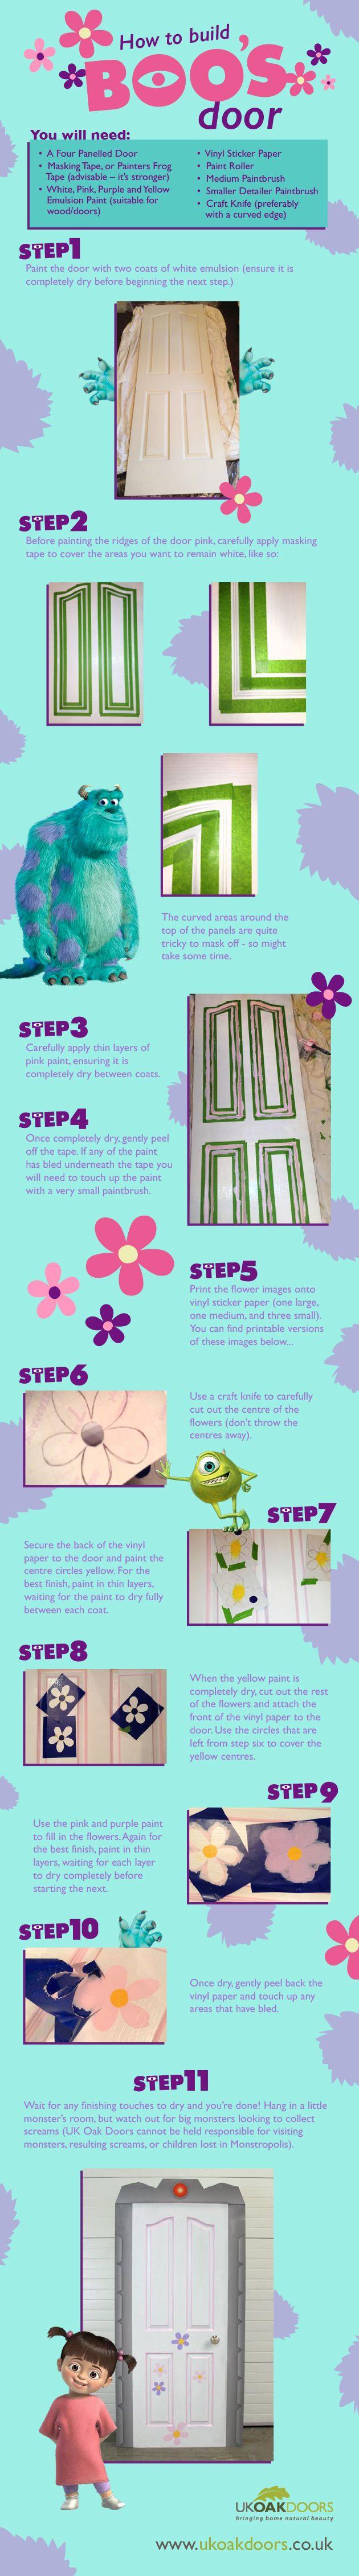 How to Build Boo's Door. Boo's door instead of gold door?